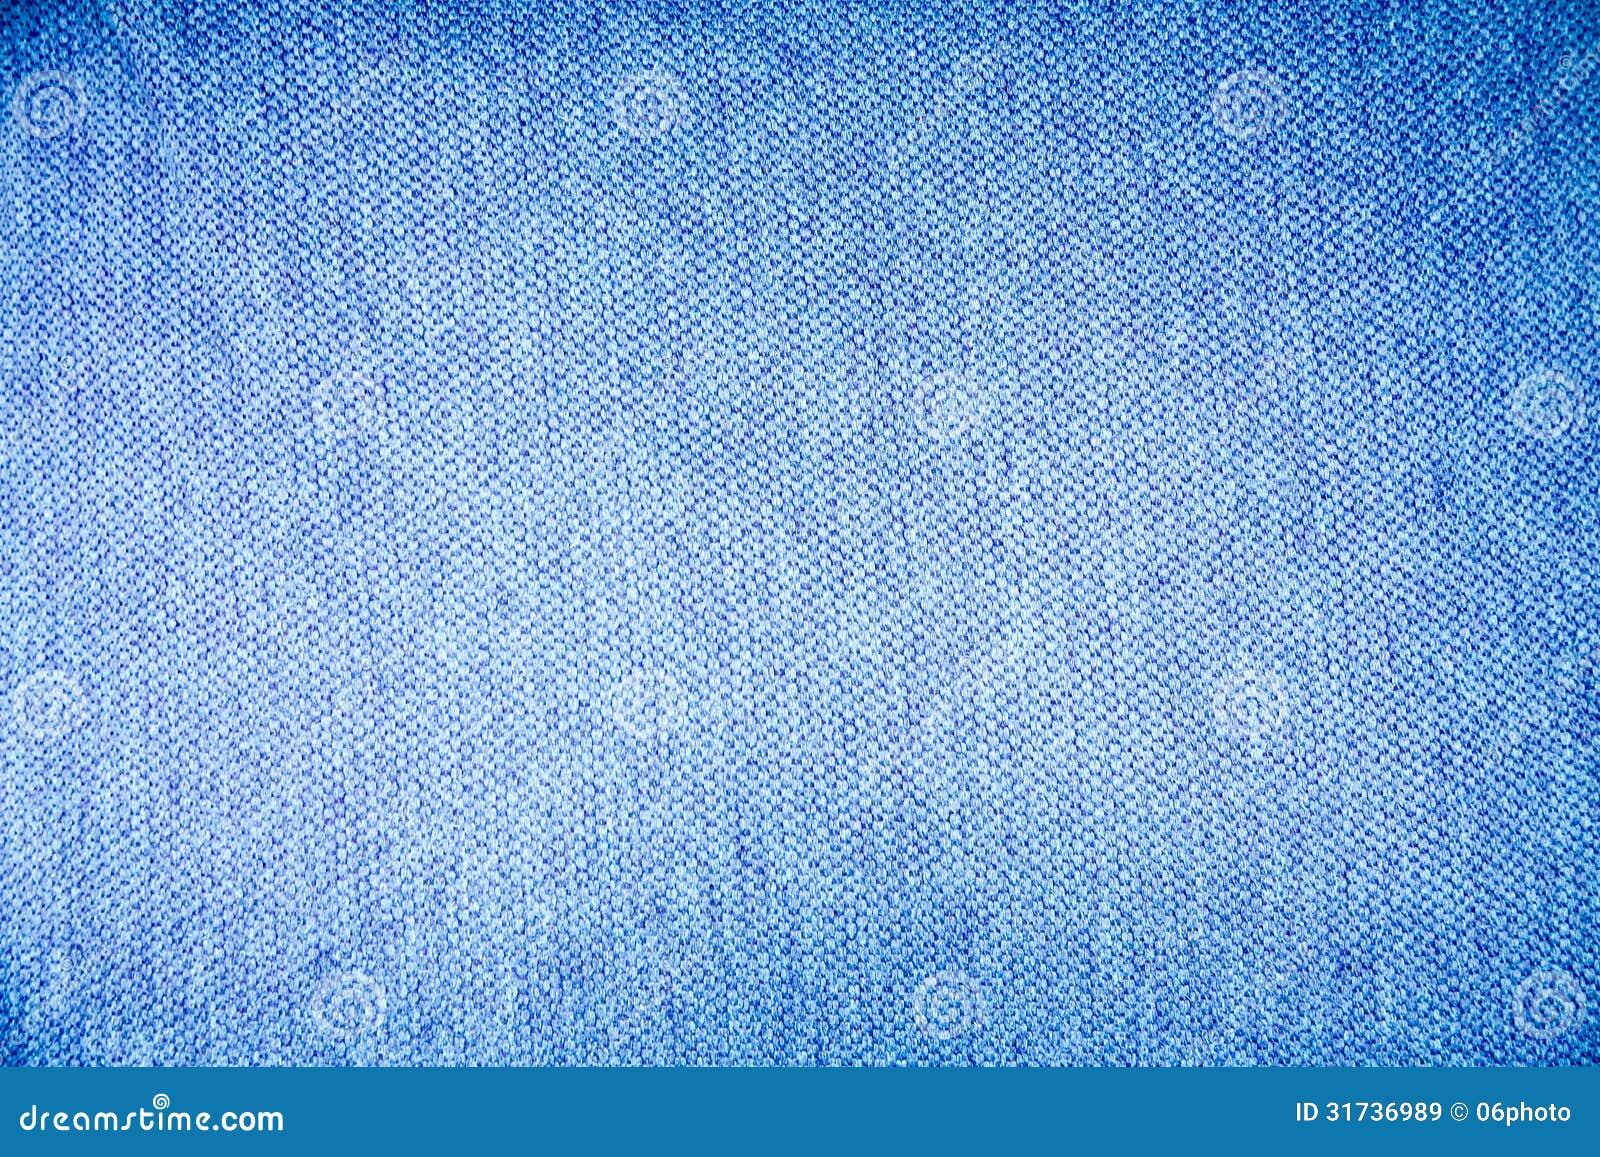 Free Burlap Background